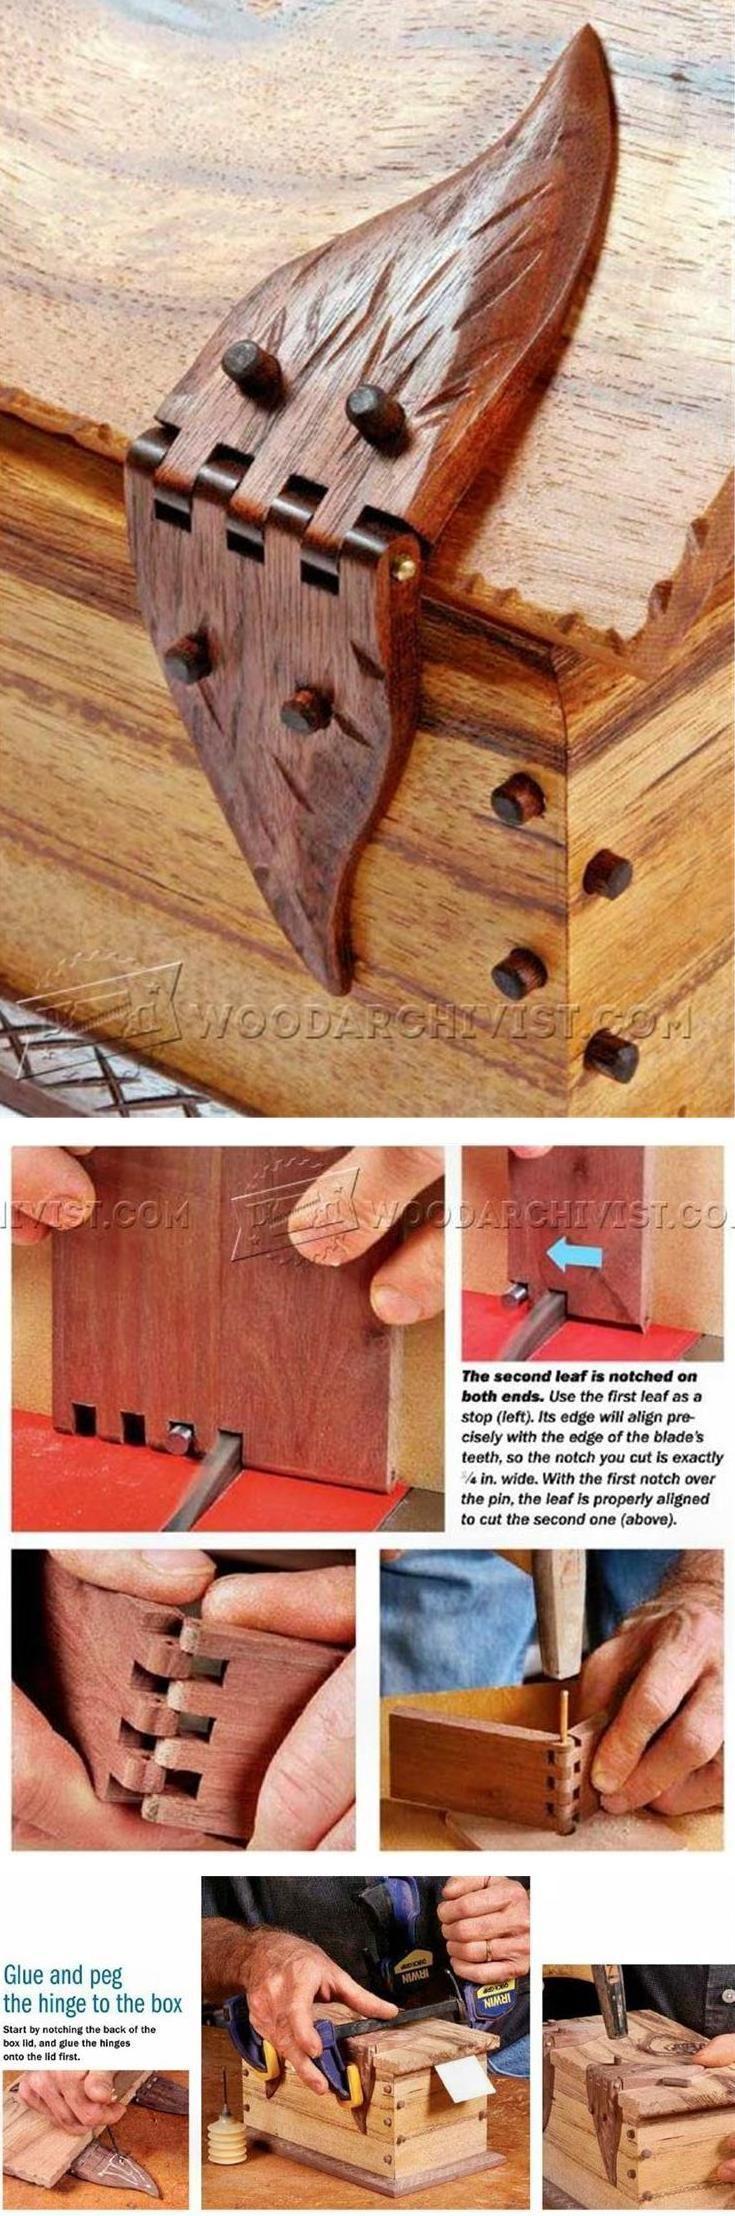 563 besten woodworking tools bilder auf pinterest bastelei